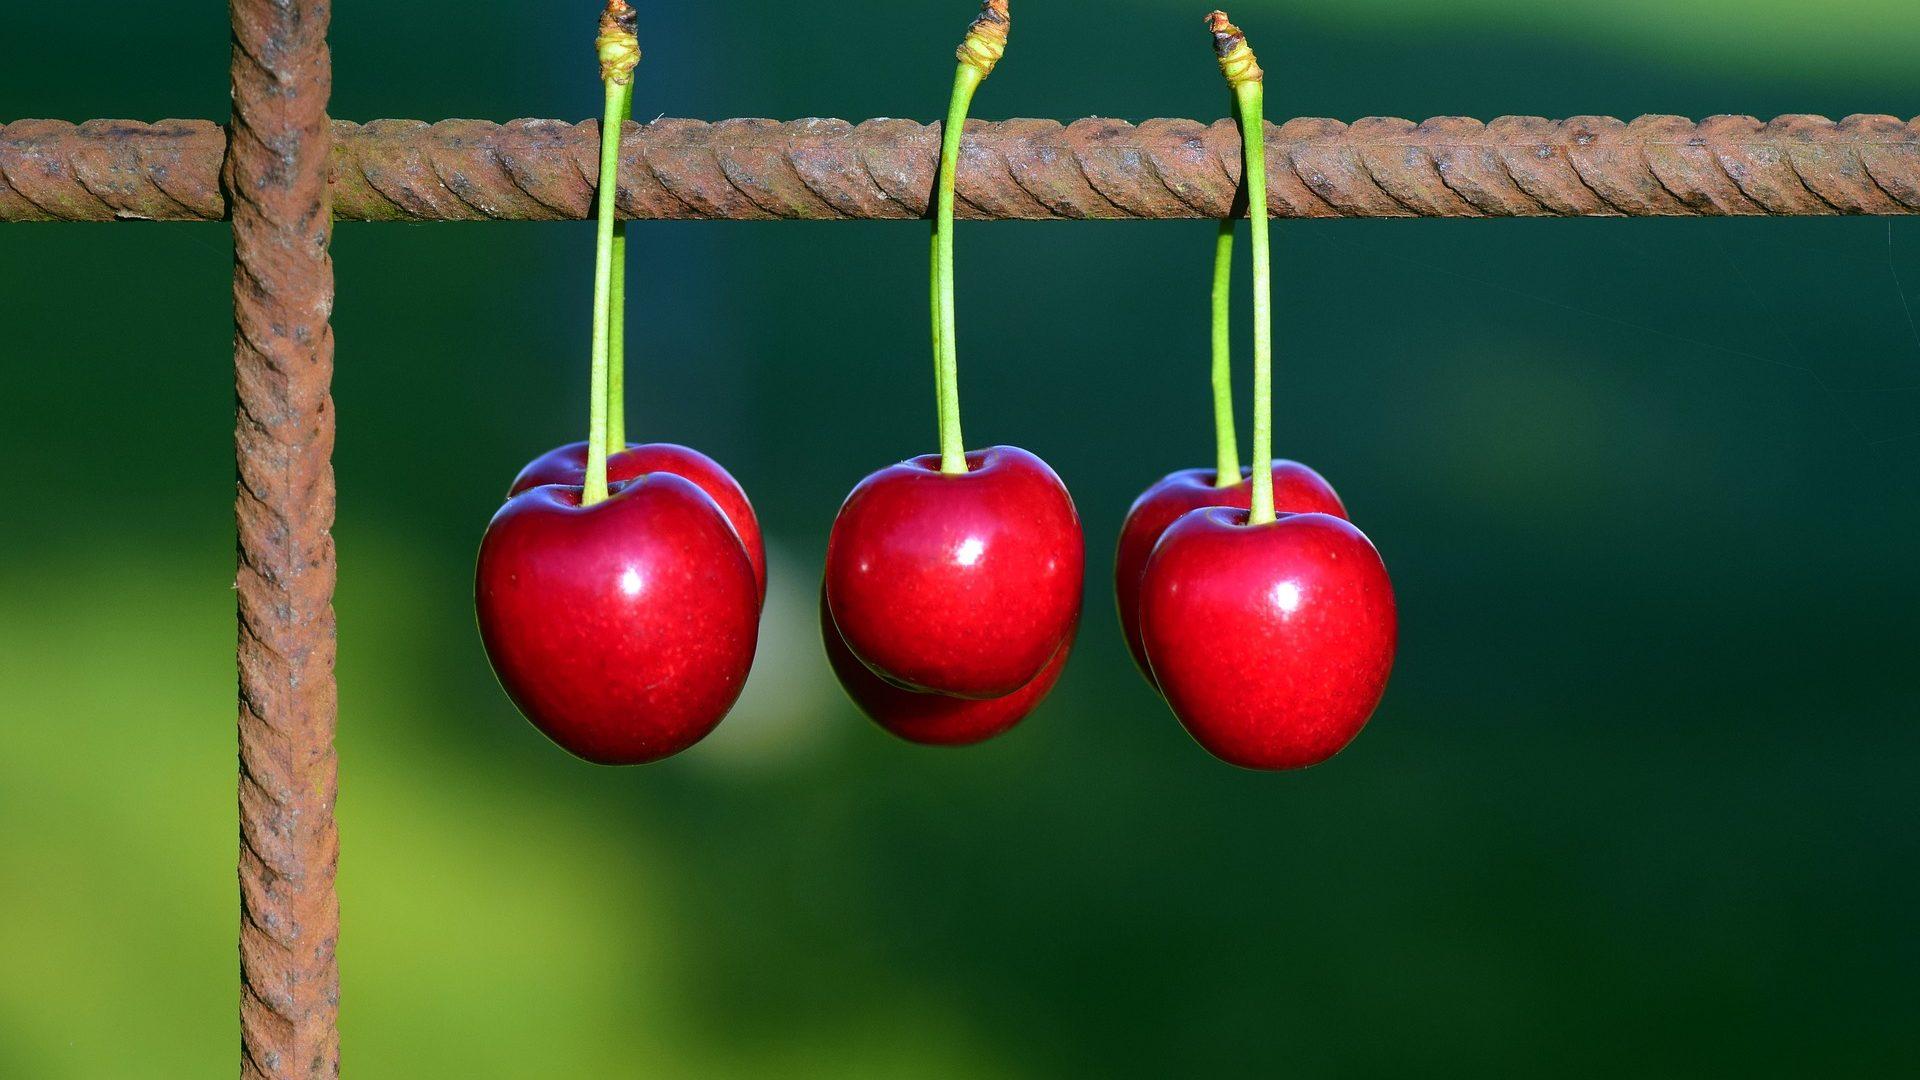 cherries-2426162_1920